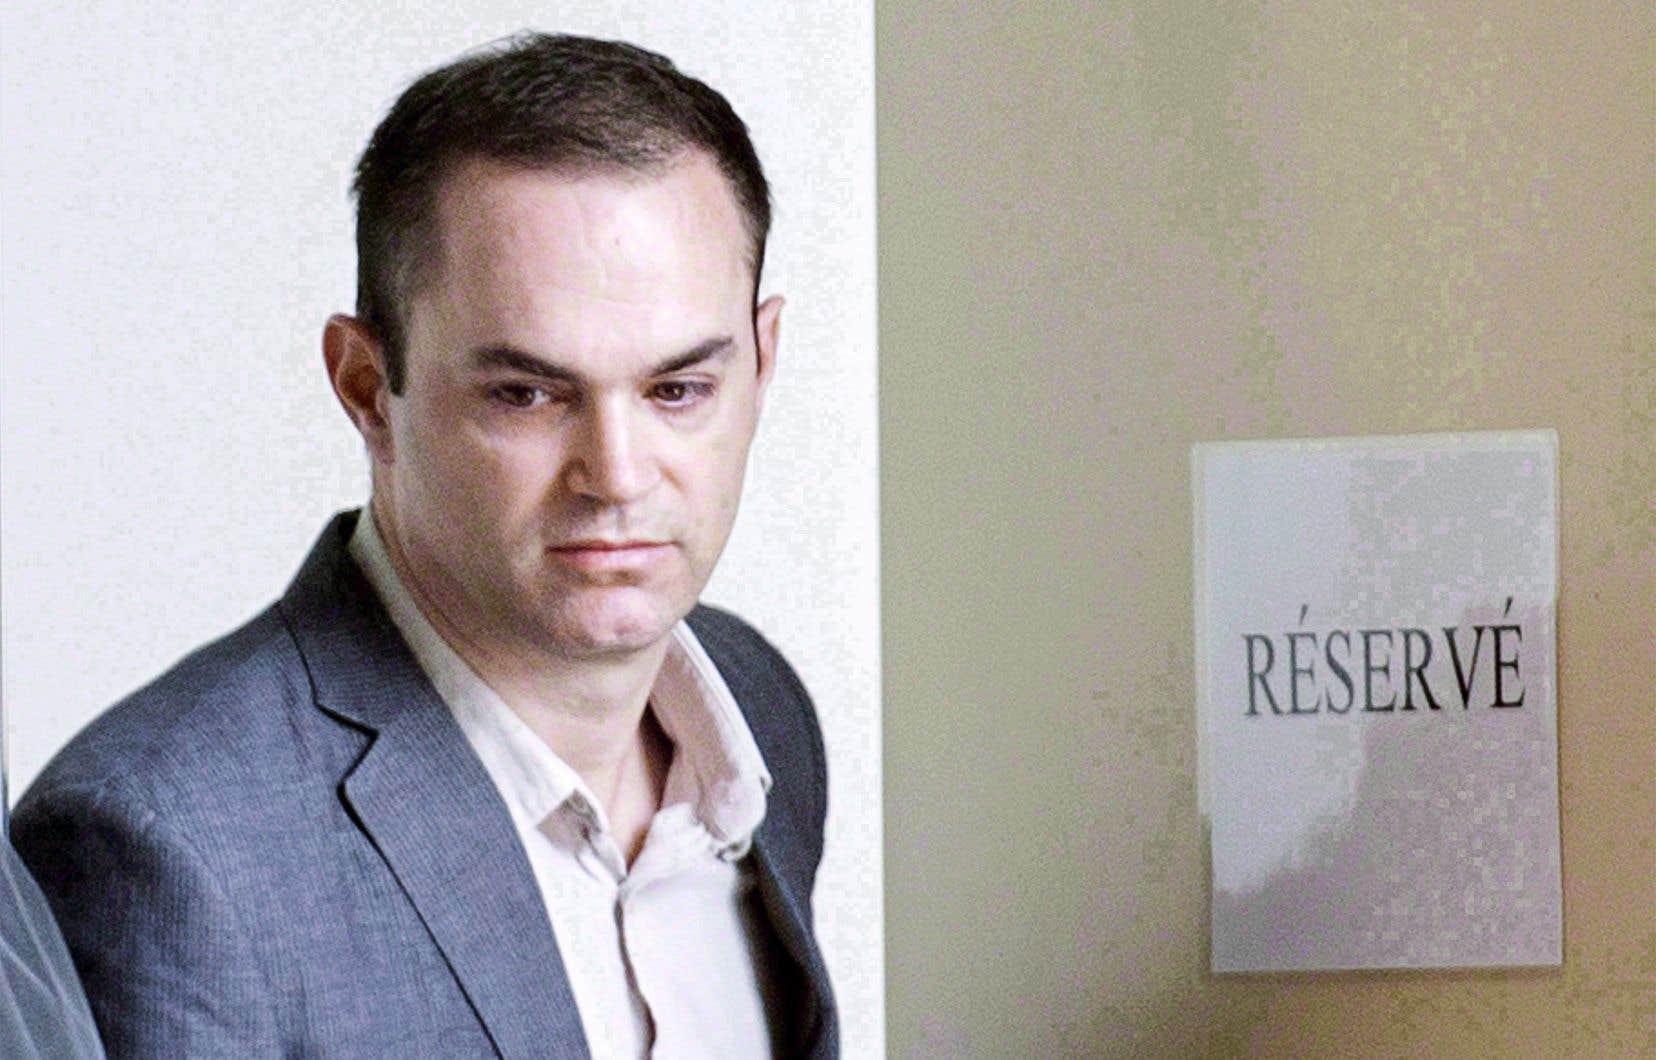 Guy Turcotte a été condamné en 2015 à la prison à perpétuité pour le meurtre de ses deux enfants.